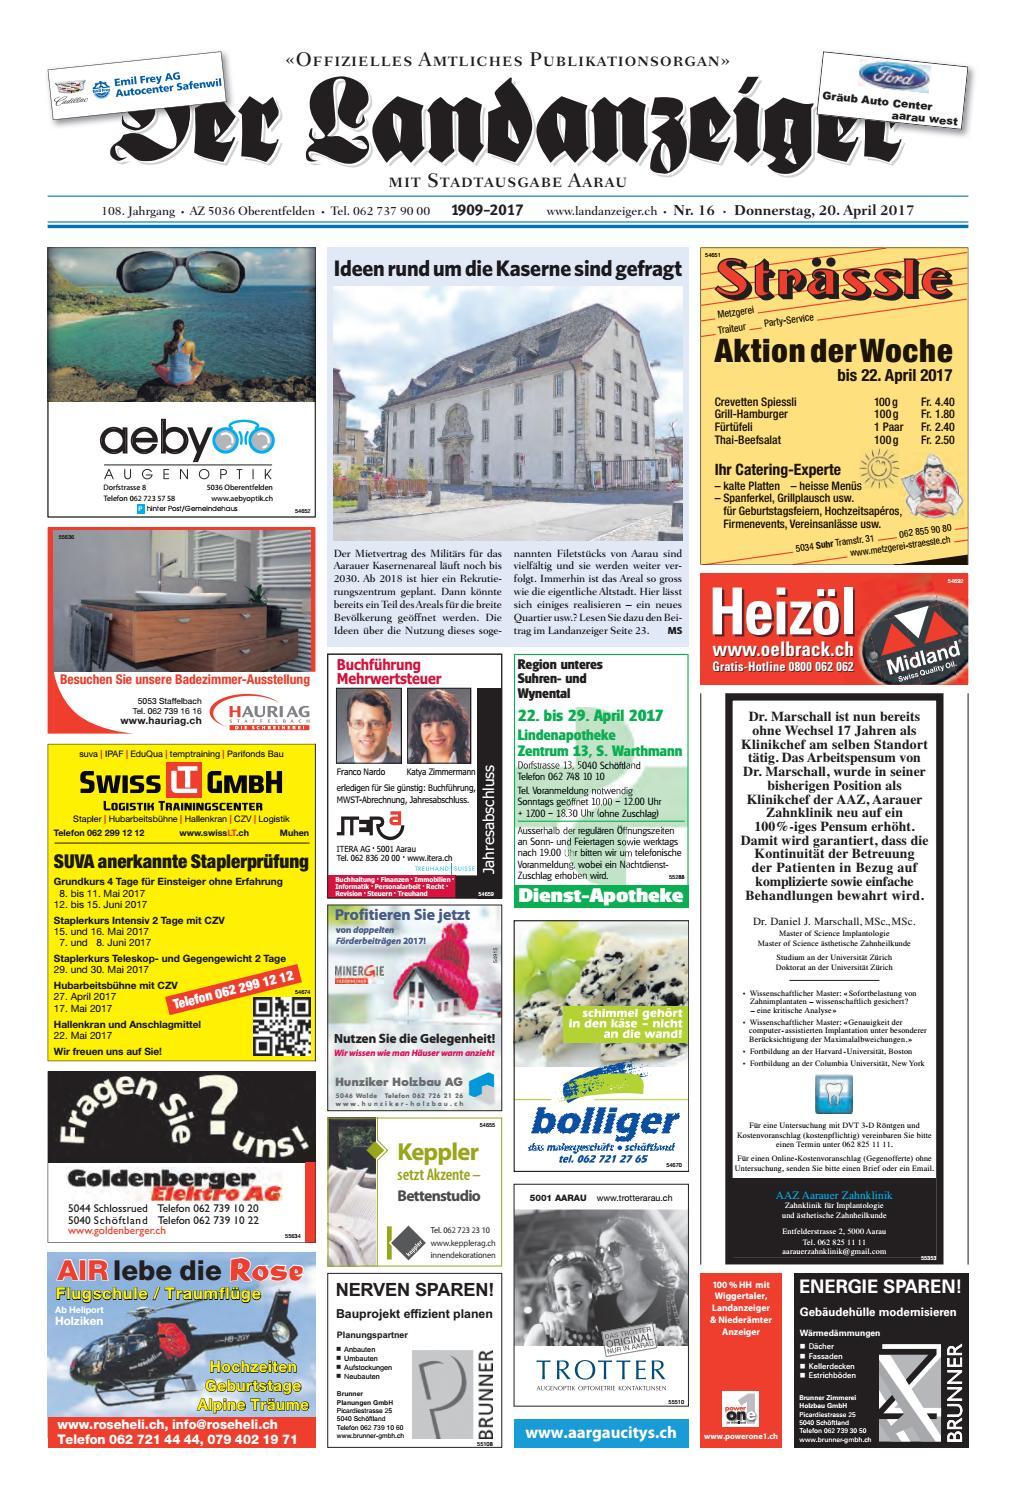 Der Landanzeiger 16 17 By Zt Medien Ag Issuu